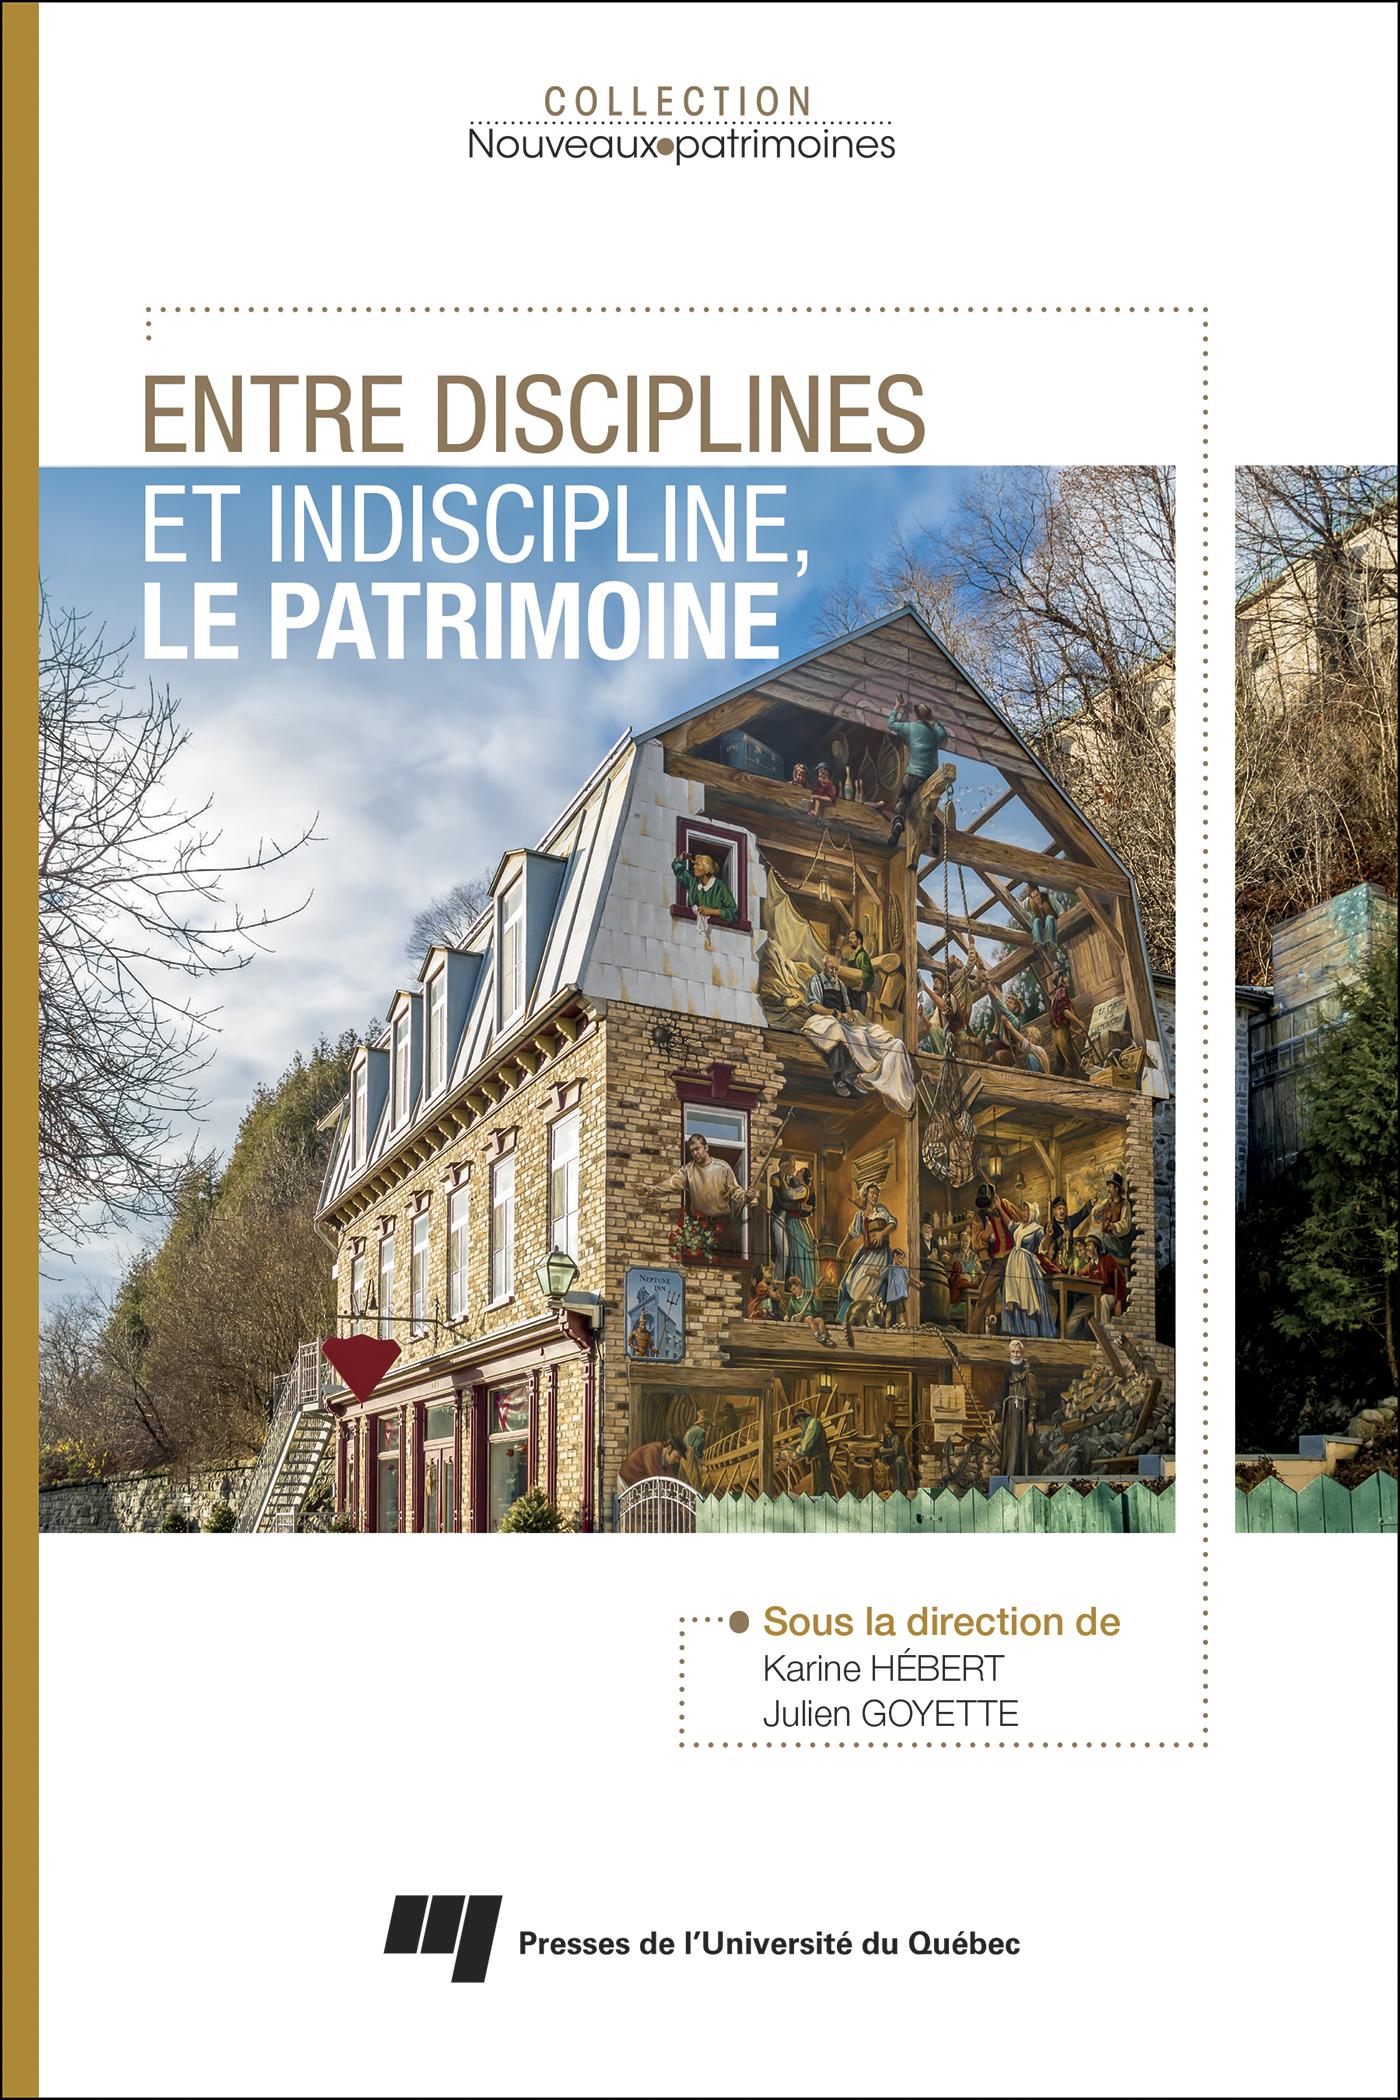 ENTRE DISCIPLINES ET INDISCIPLINE, LE PATRIMOINE